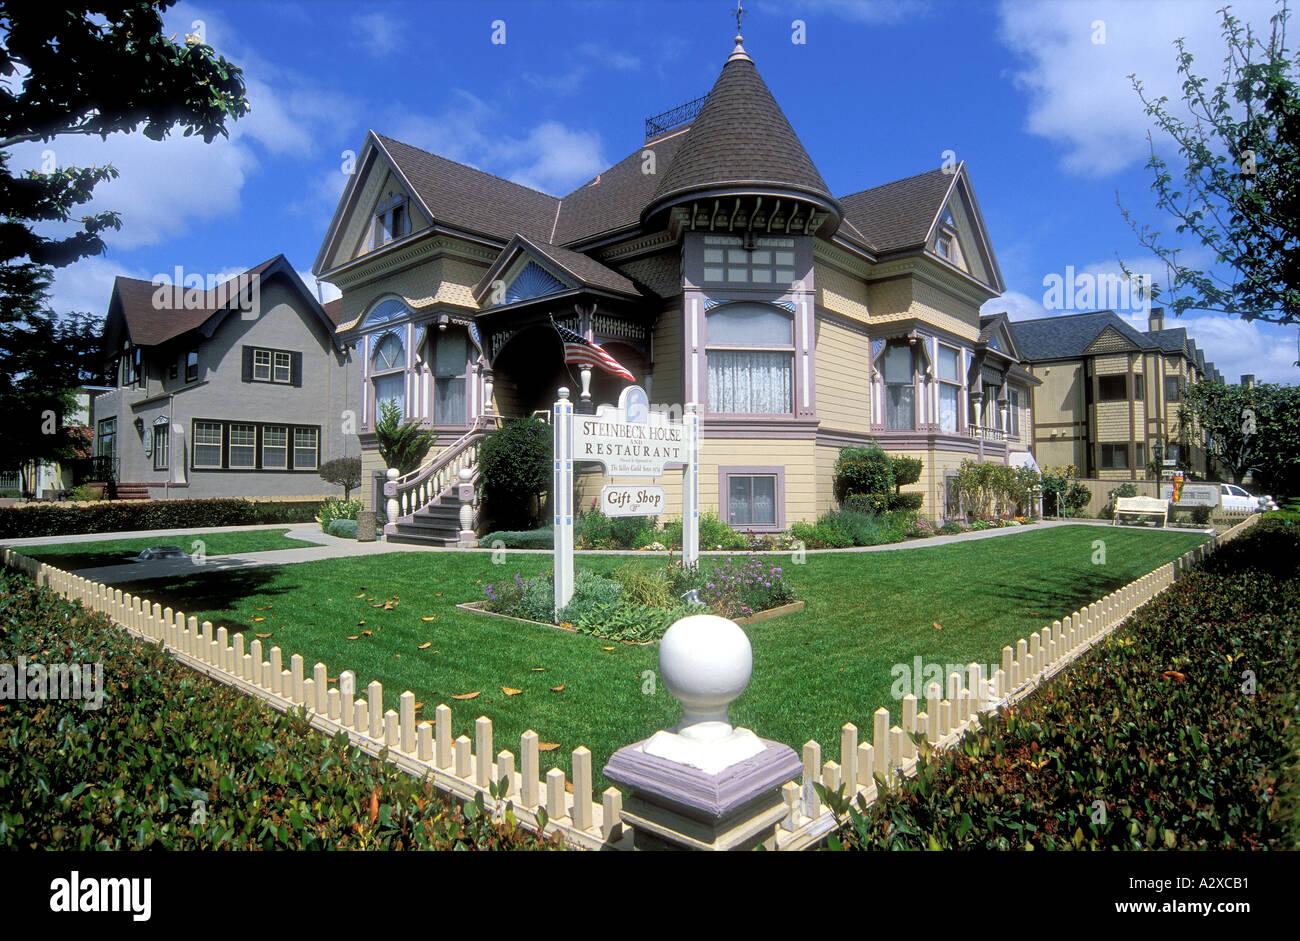 Geburtsort und Heimat von John Steinbeck die Autor und Nobelpreisträger in Salinas, Kalifornien USA Stockbild